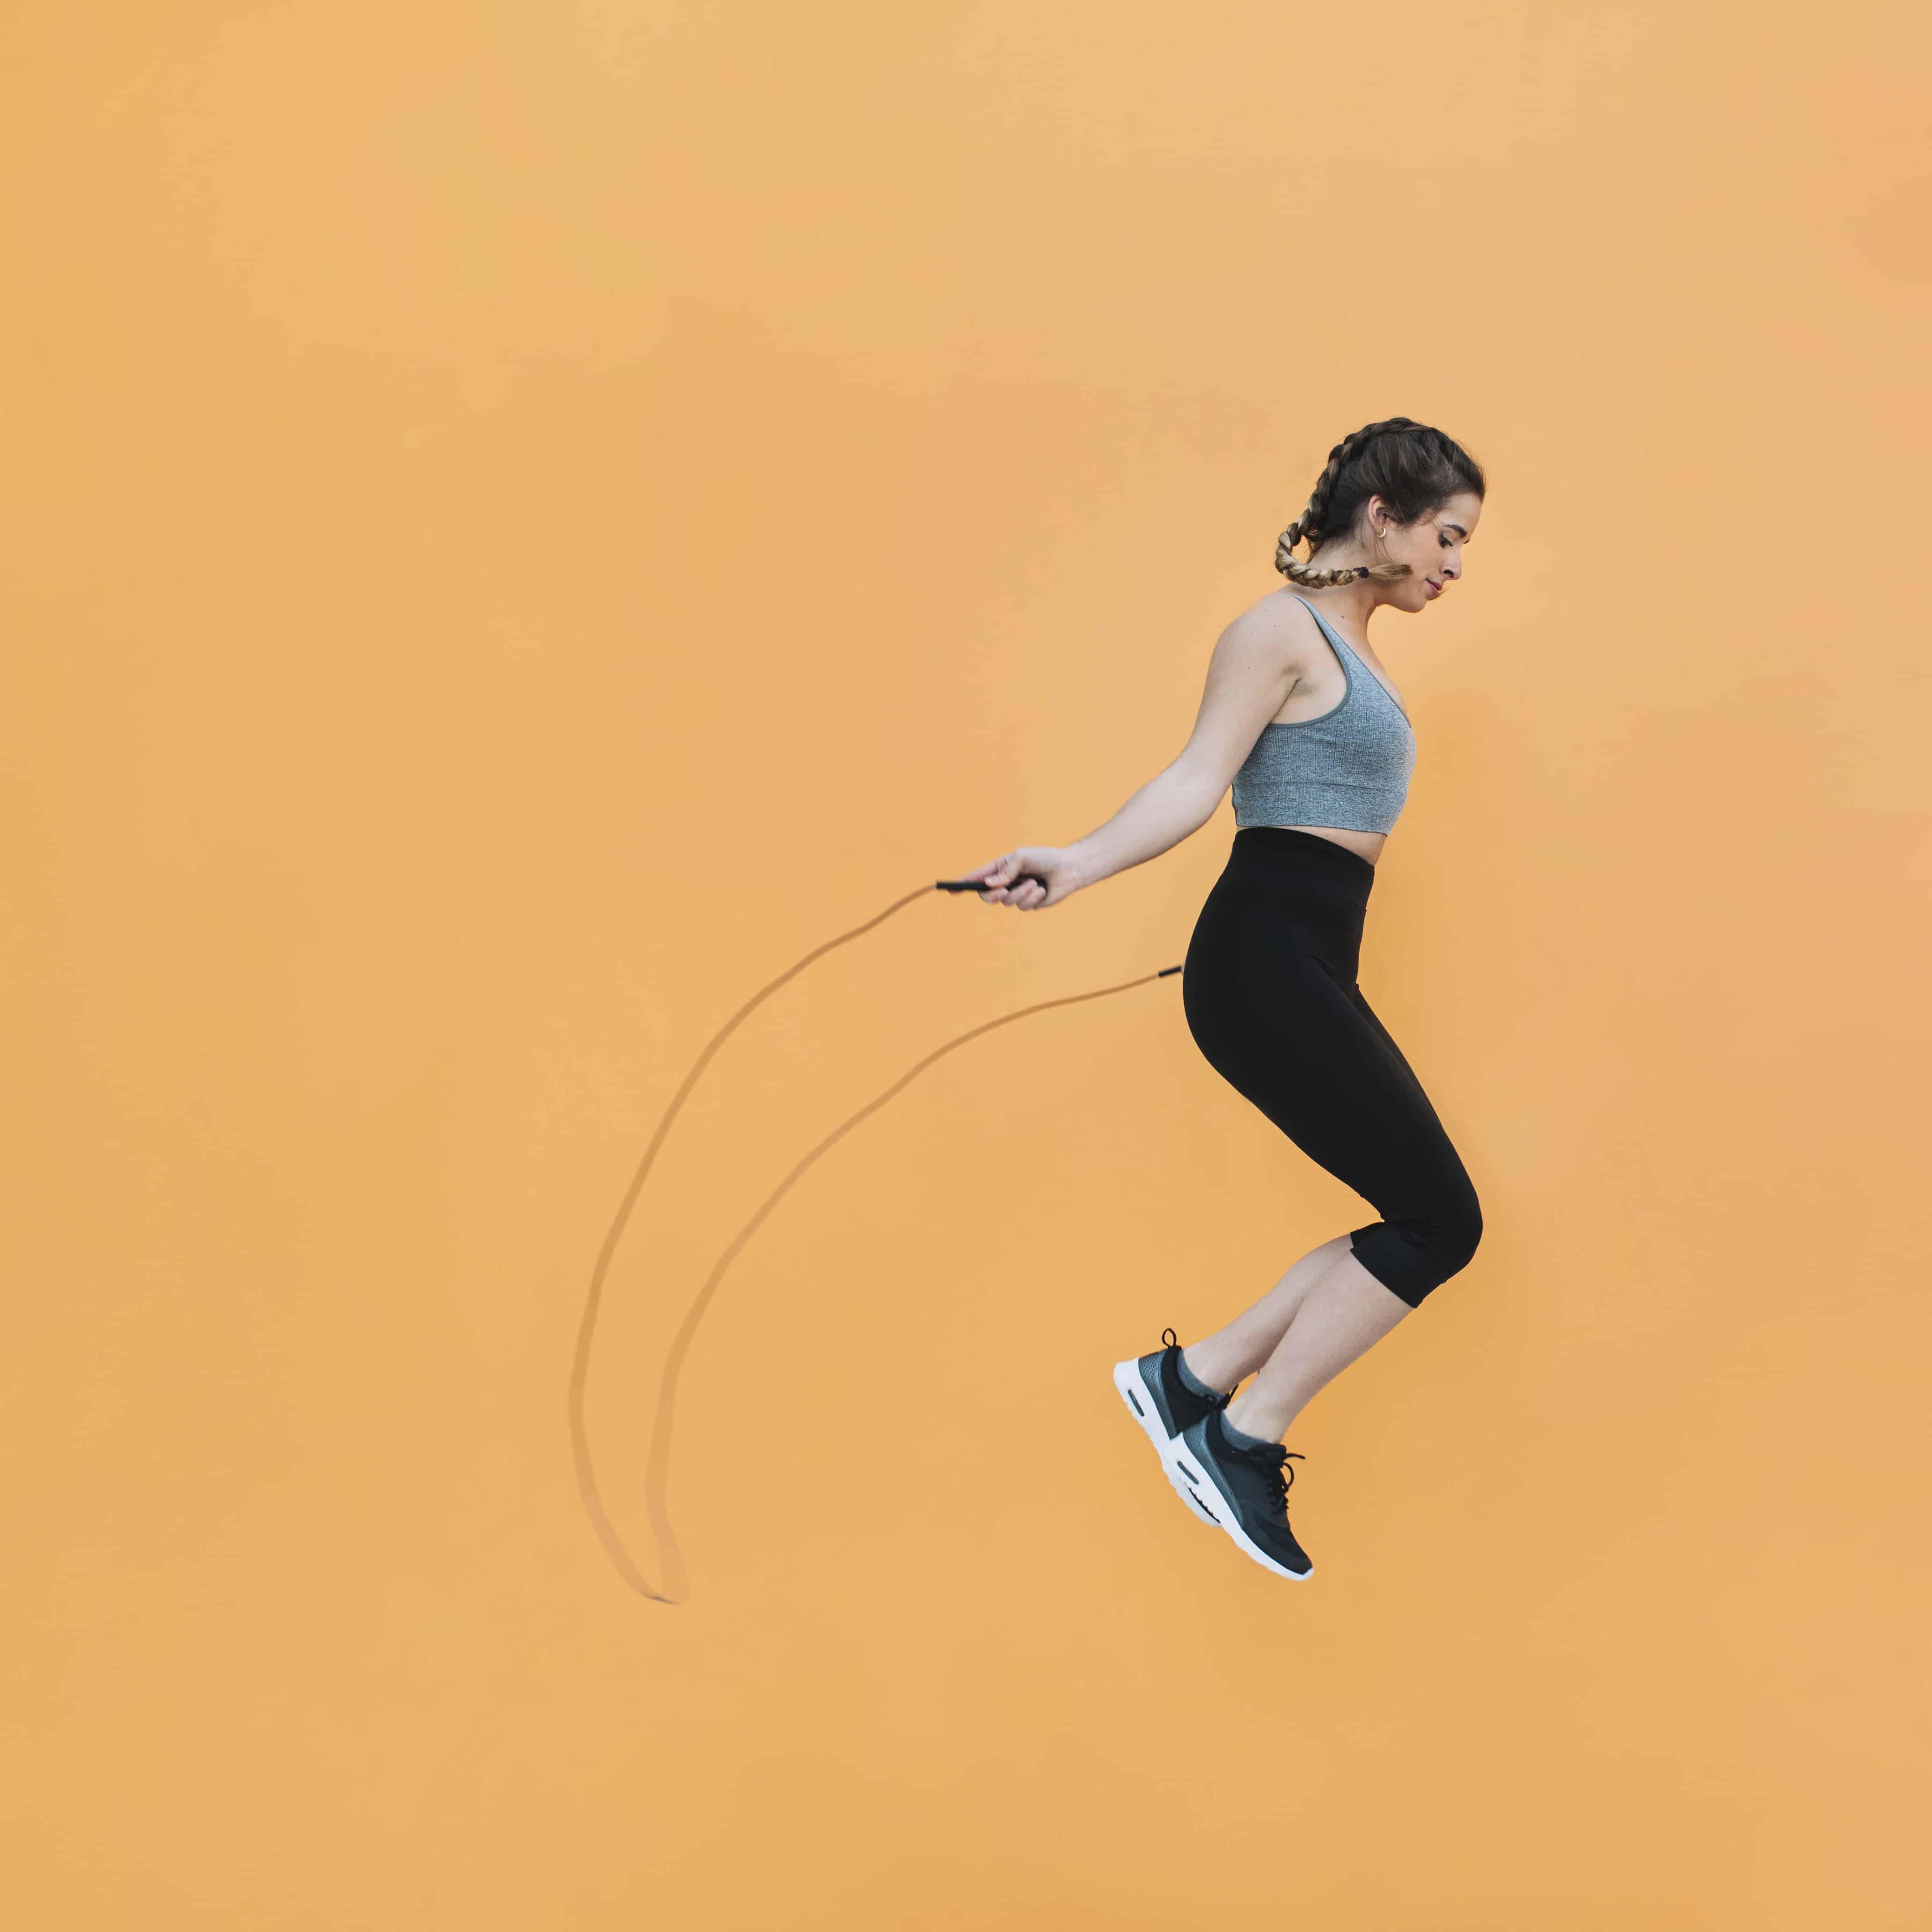 ฟิตหุ่นต้อนรับปีใหม่! กับวิธีออกกำลังกายสำหรับคนอยู่คอนโด